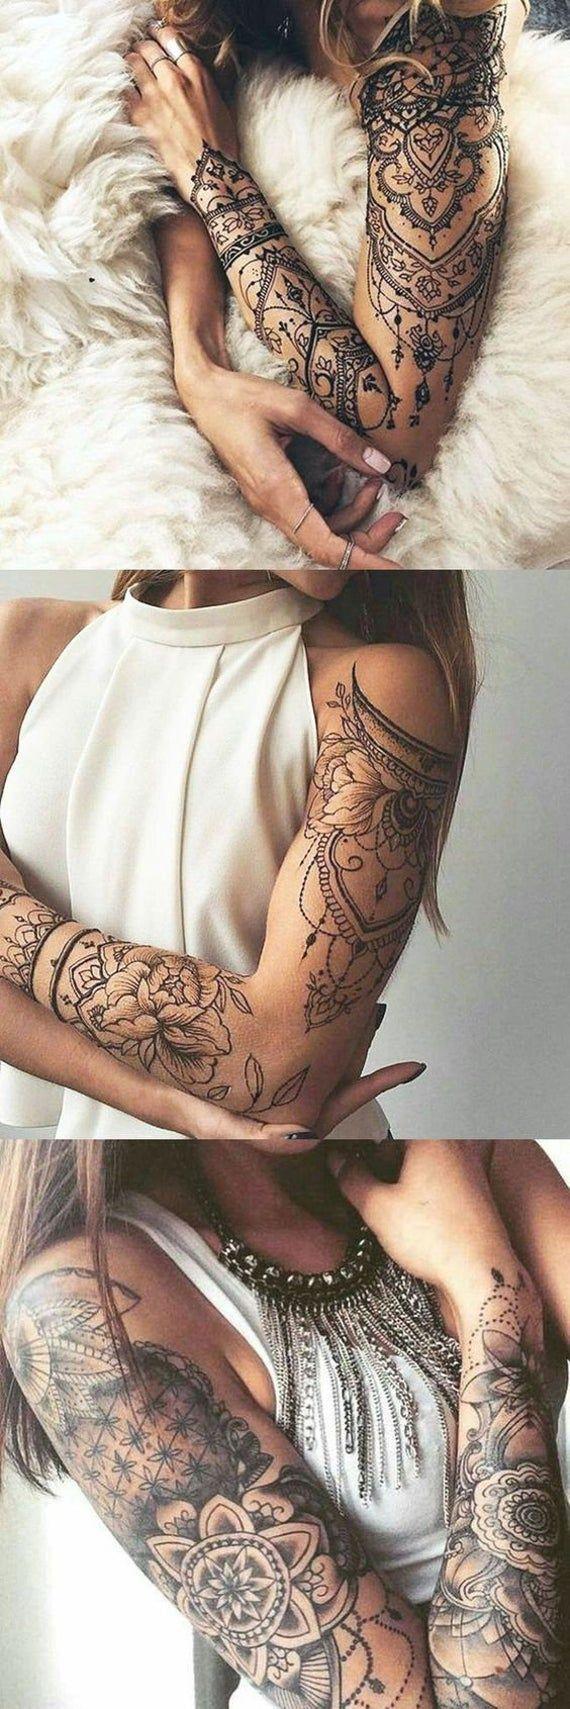 Custom Fake Tattoos | Etsy